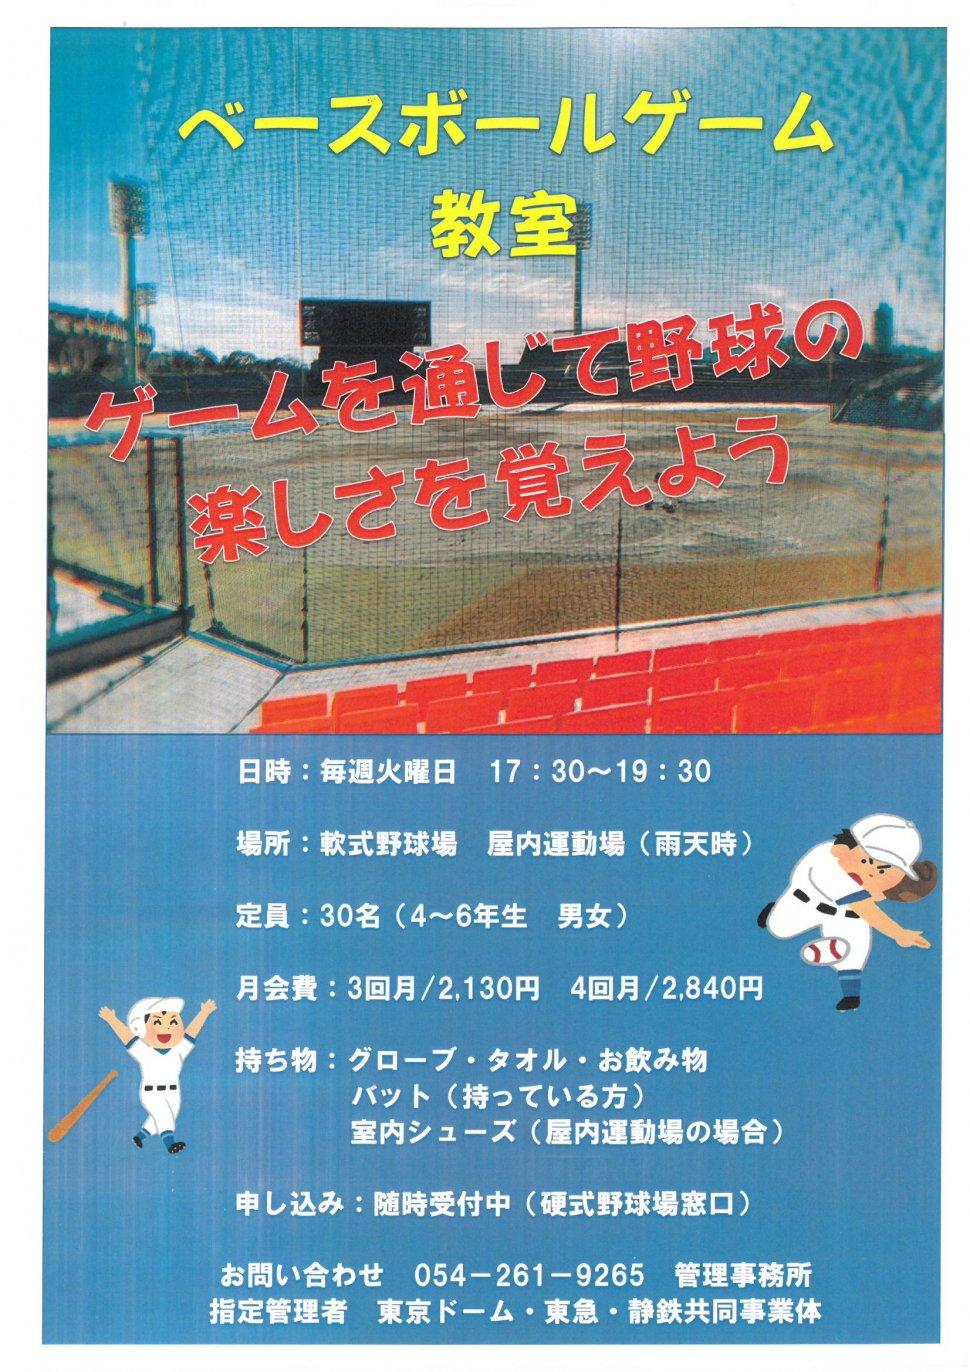 ベースボールゲーム教室